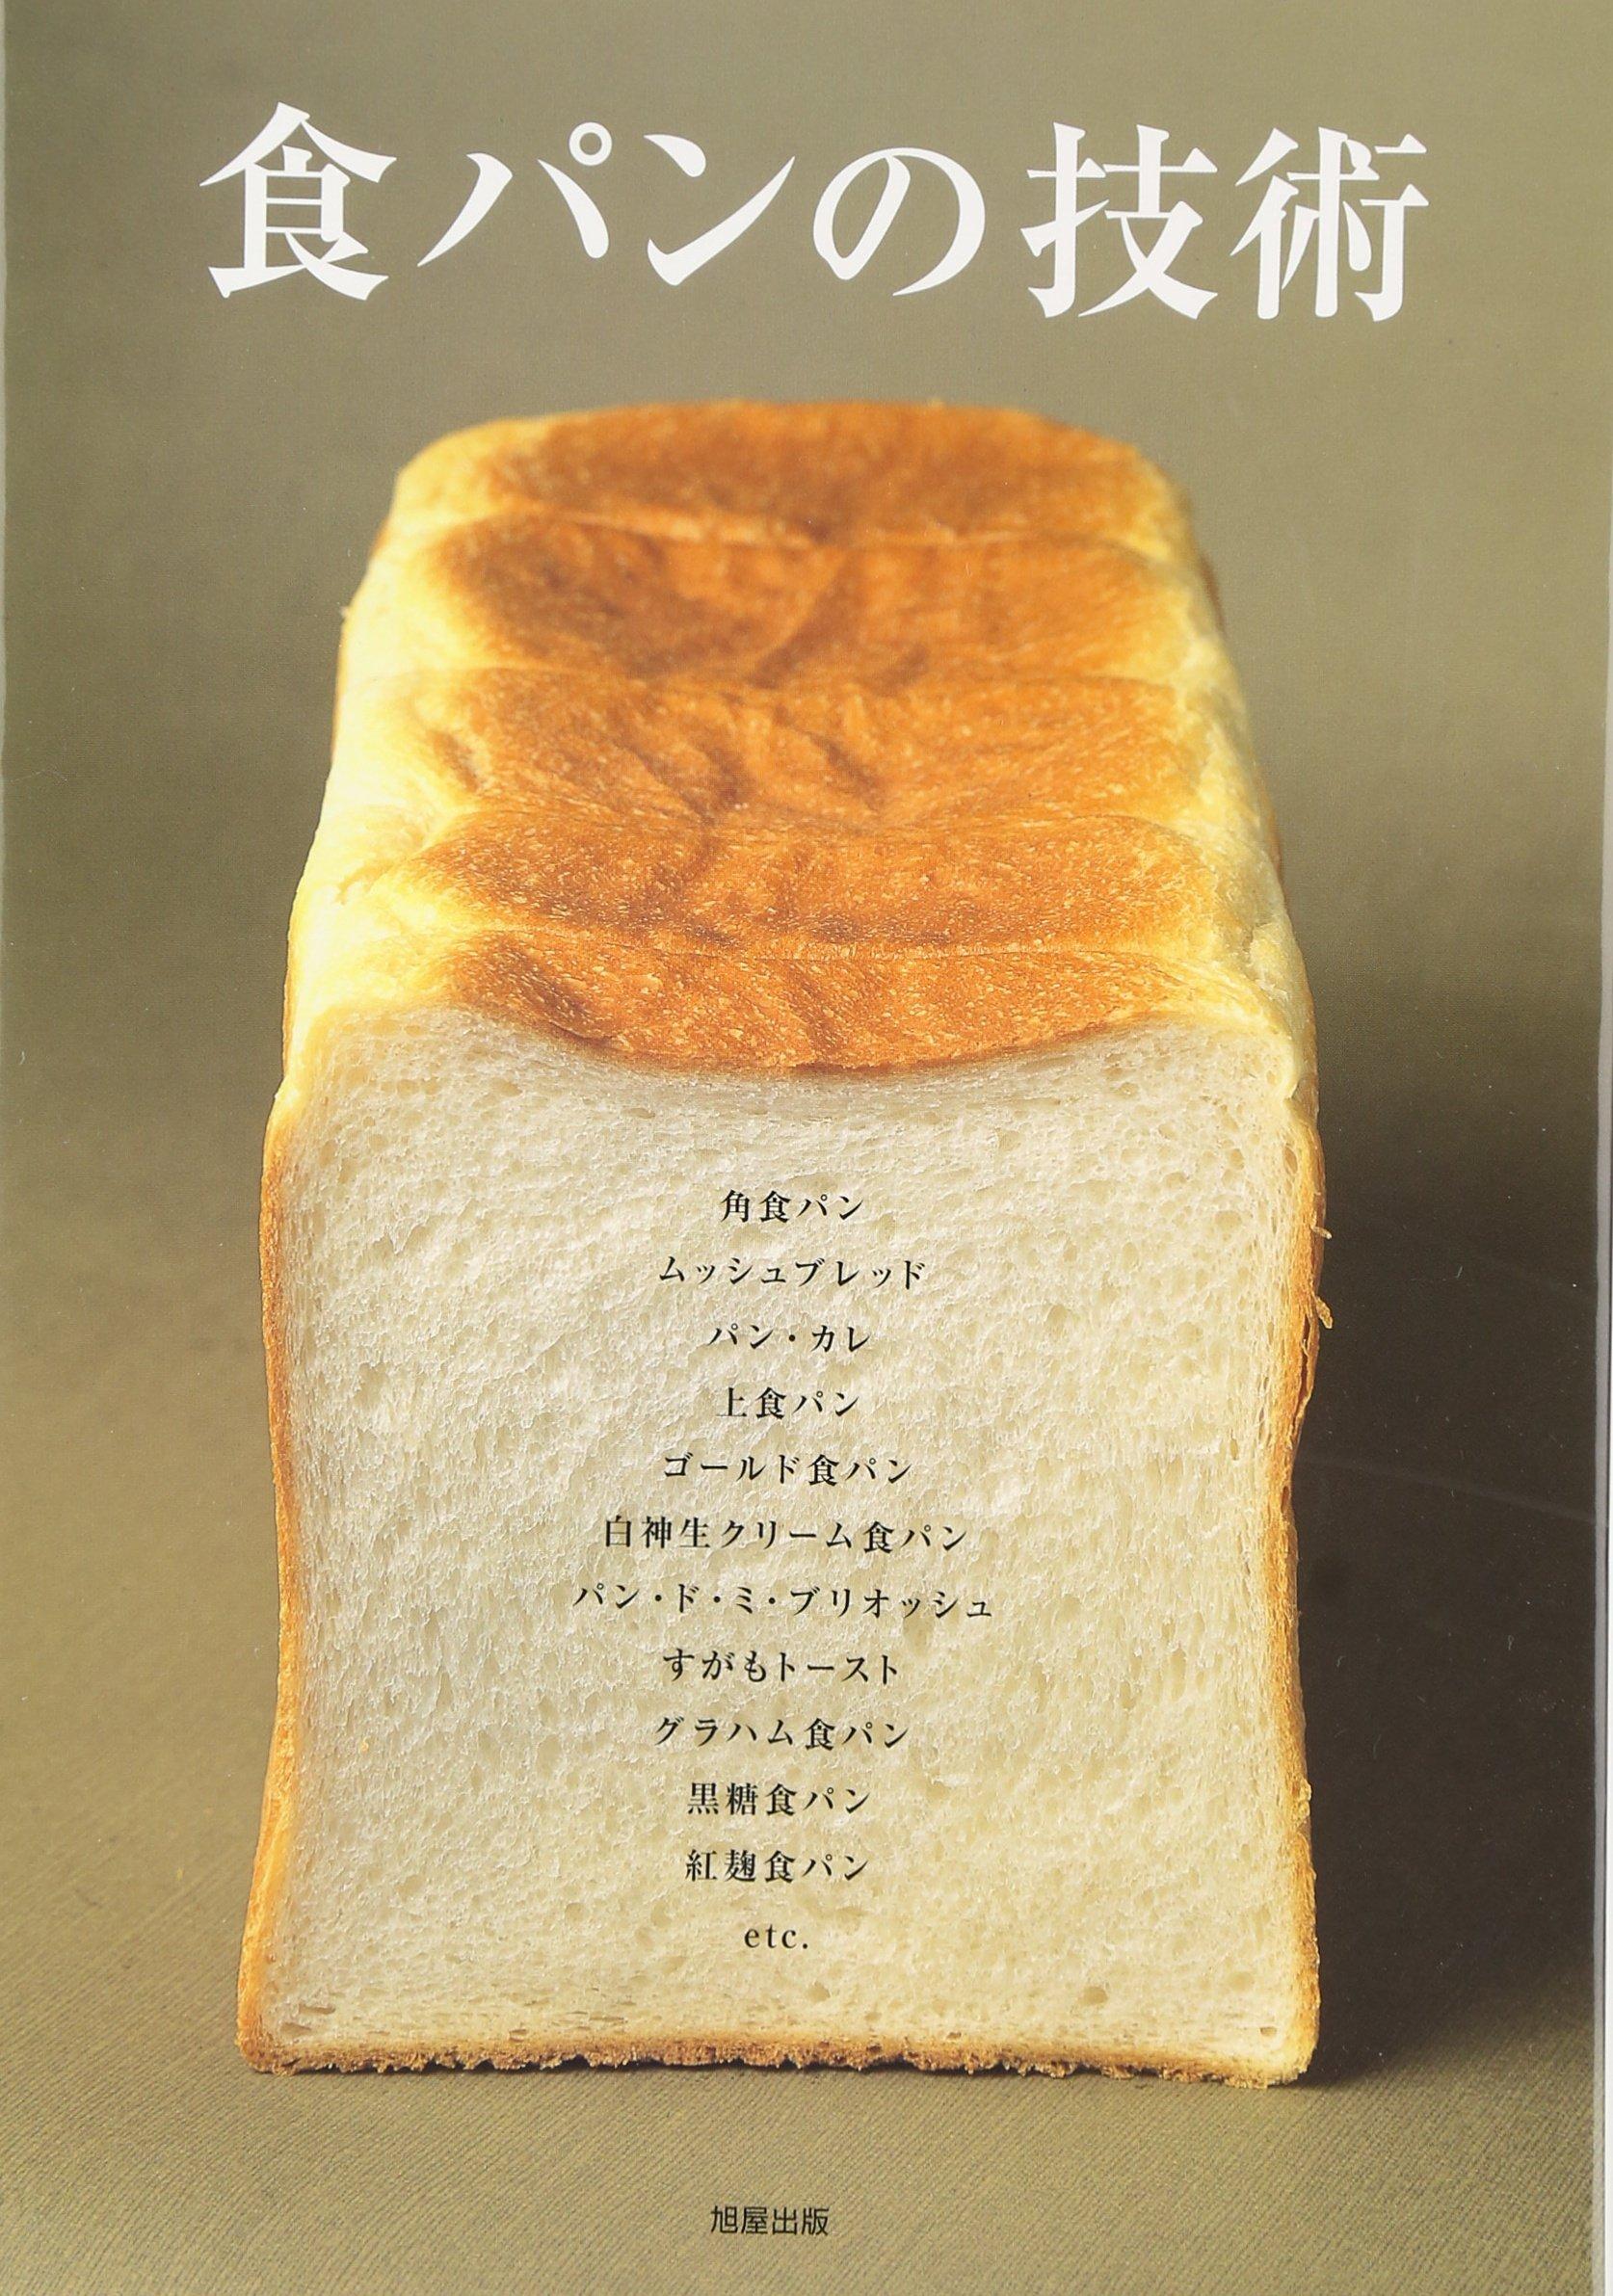 Shokupan no gijutsu : Ninkiten no kaku shokupan to yamagata shokupan no haigō to kangaekata ga wakaru. pdf